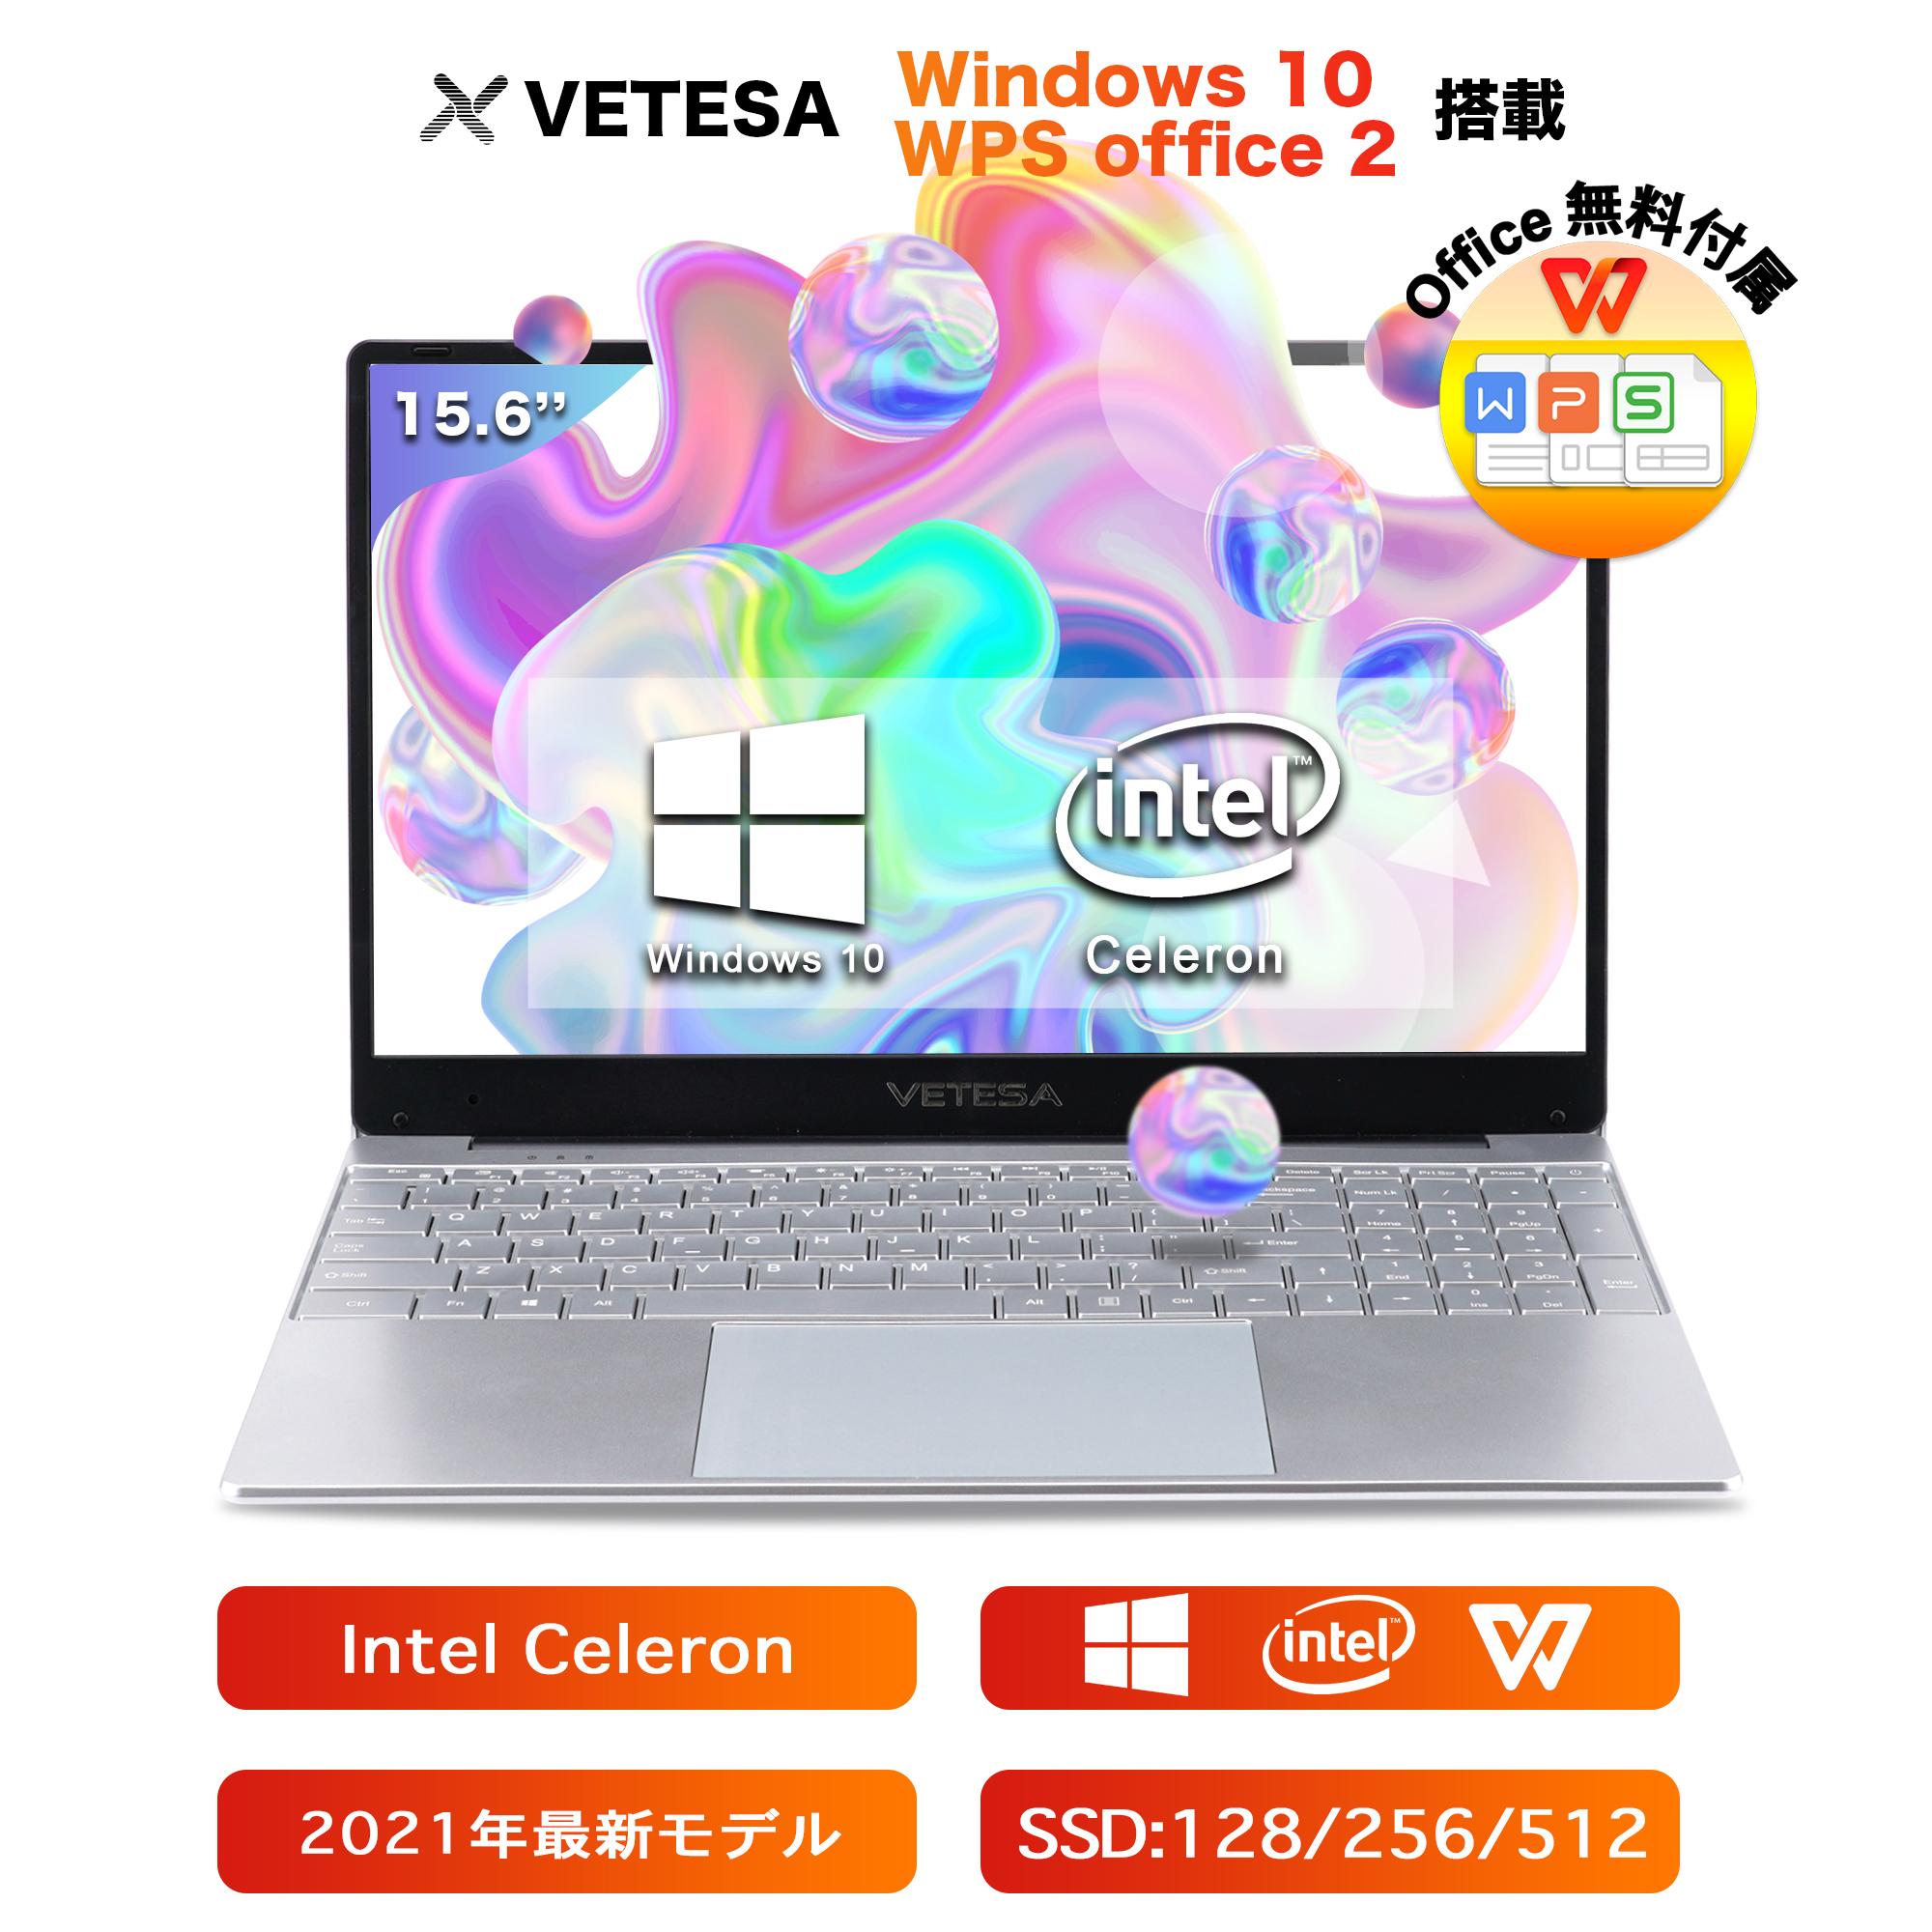 --送料無料--  新品 ノートパソコン 【Windows10搭載】【Office付き】Intel Celeron /メモリー:8GB /高速SSD128GB(増設可能)/IPS広視野角15.6型フルHD液晶/10キー/無線機能//超軽量大容量バッテリー搭載/ノートパソコン/在宅勤務・Zoom・カメラ付き/(J4105-US)